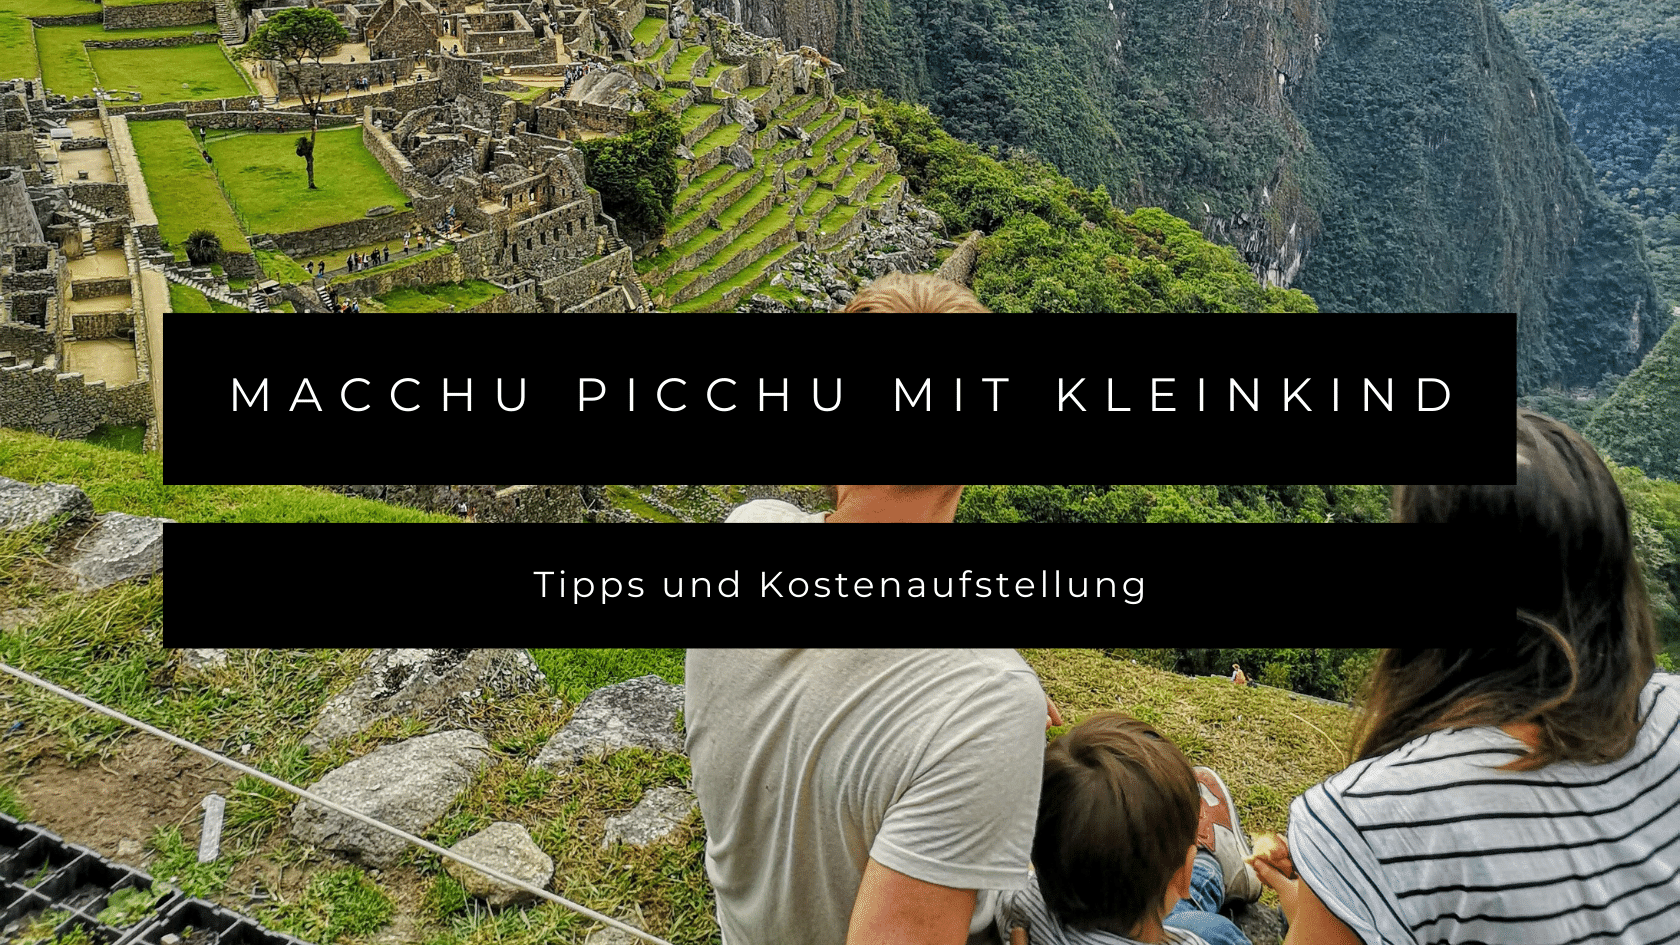 Machu Picchu mit Kleinkind - Tipps und Kostenaufstellung